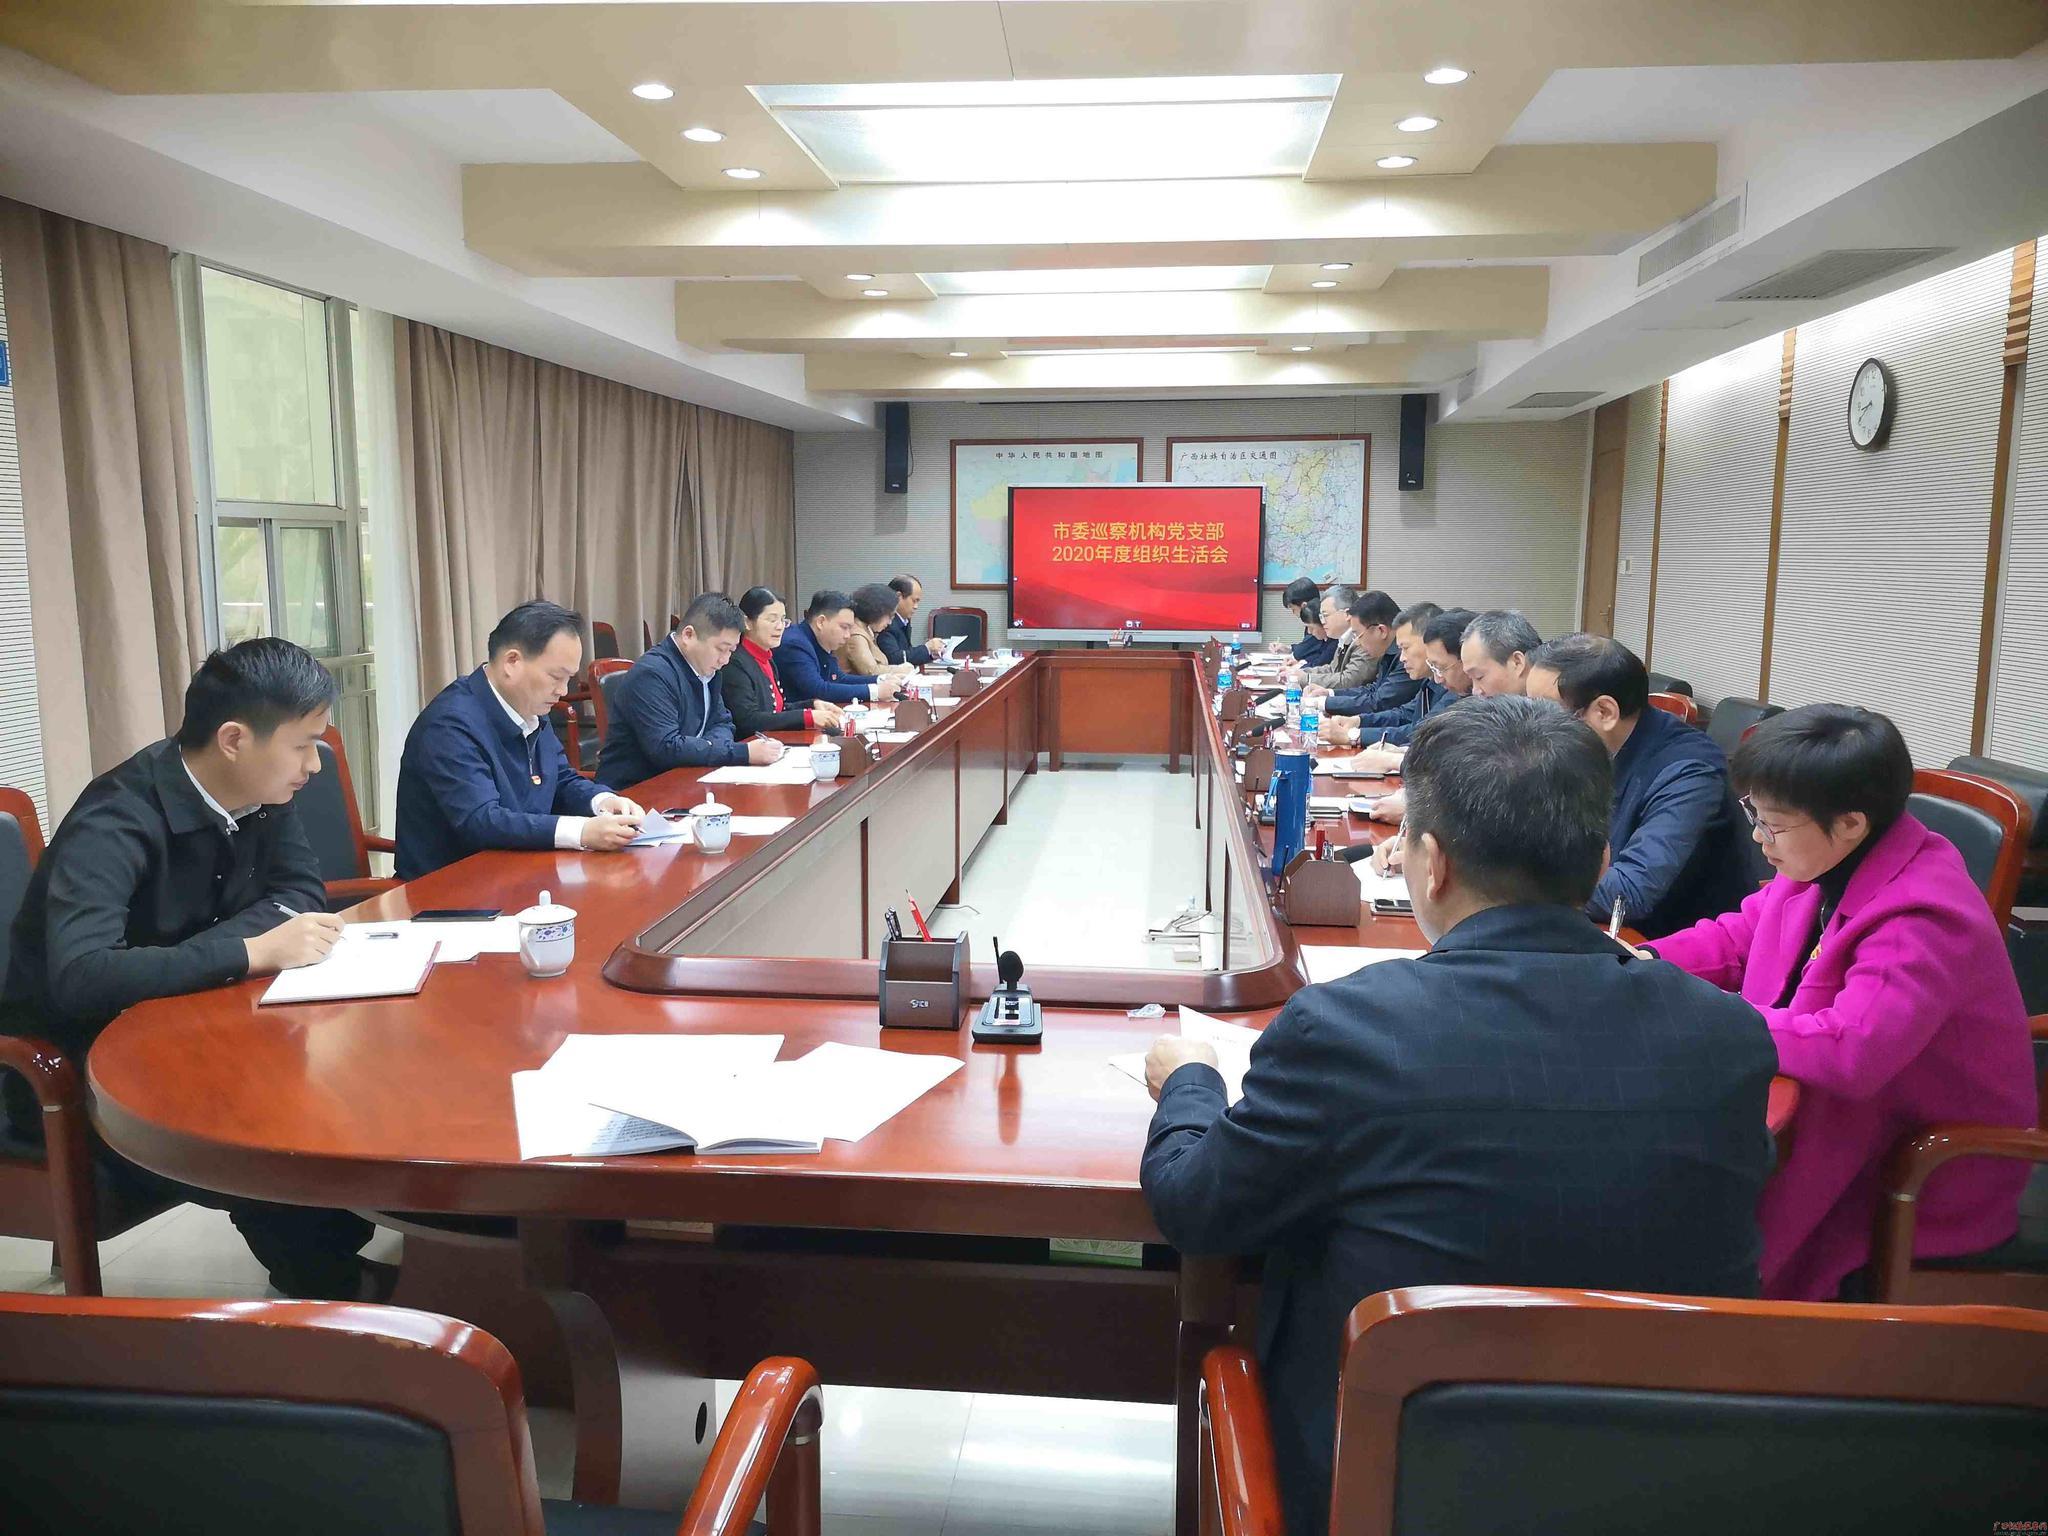 南宁市委巡察机构党支部丰富活动载体增强凝聚力战斗力图片